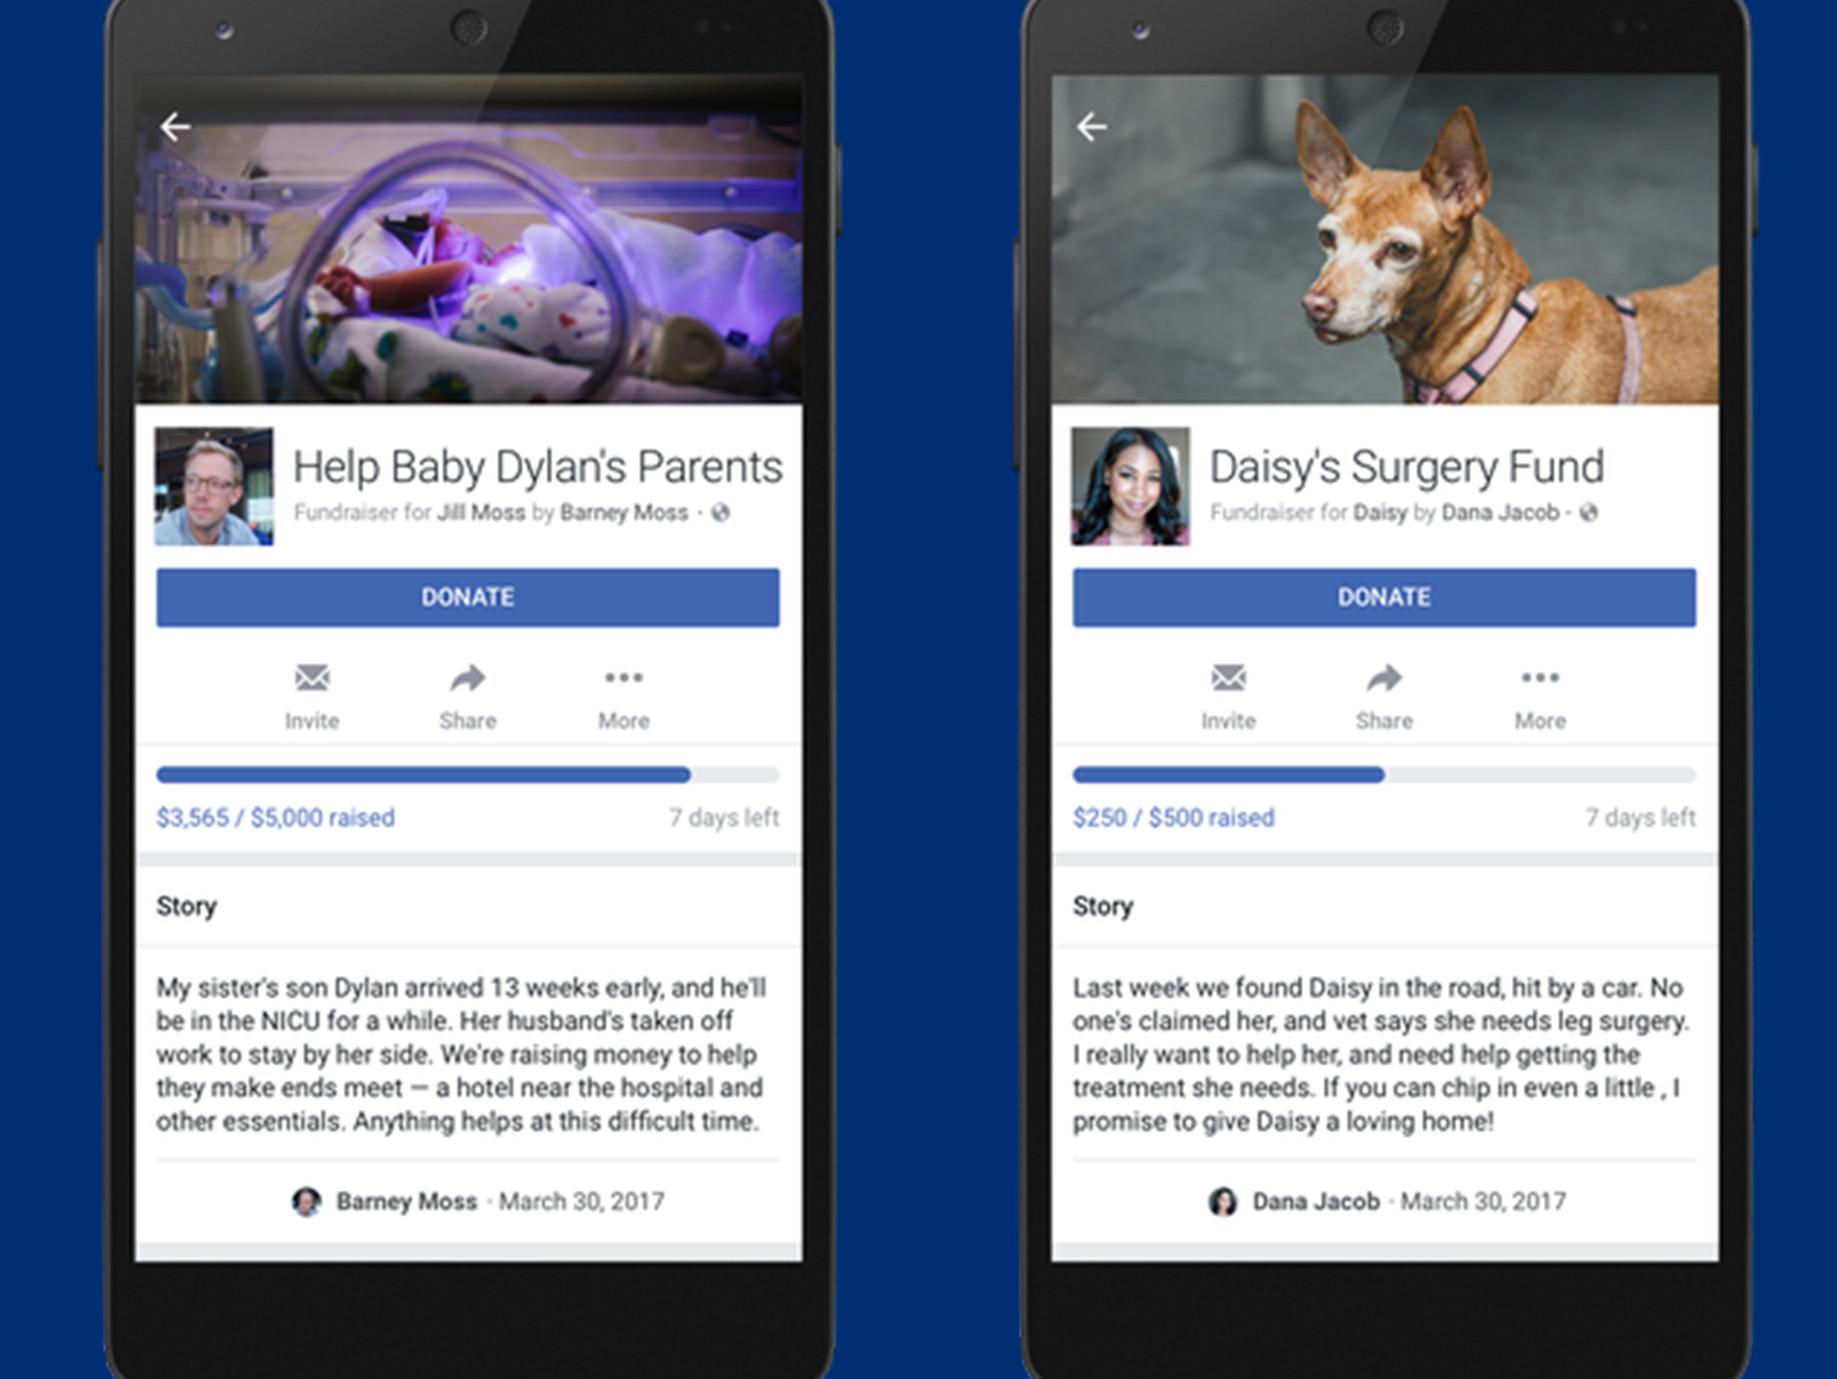 美國臉書開放個人募資功能,但聲明僅限「非營利目的」使用